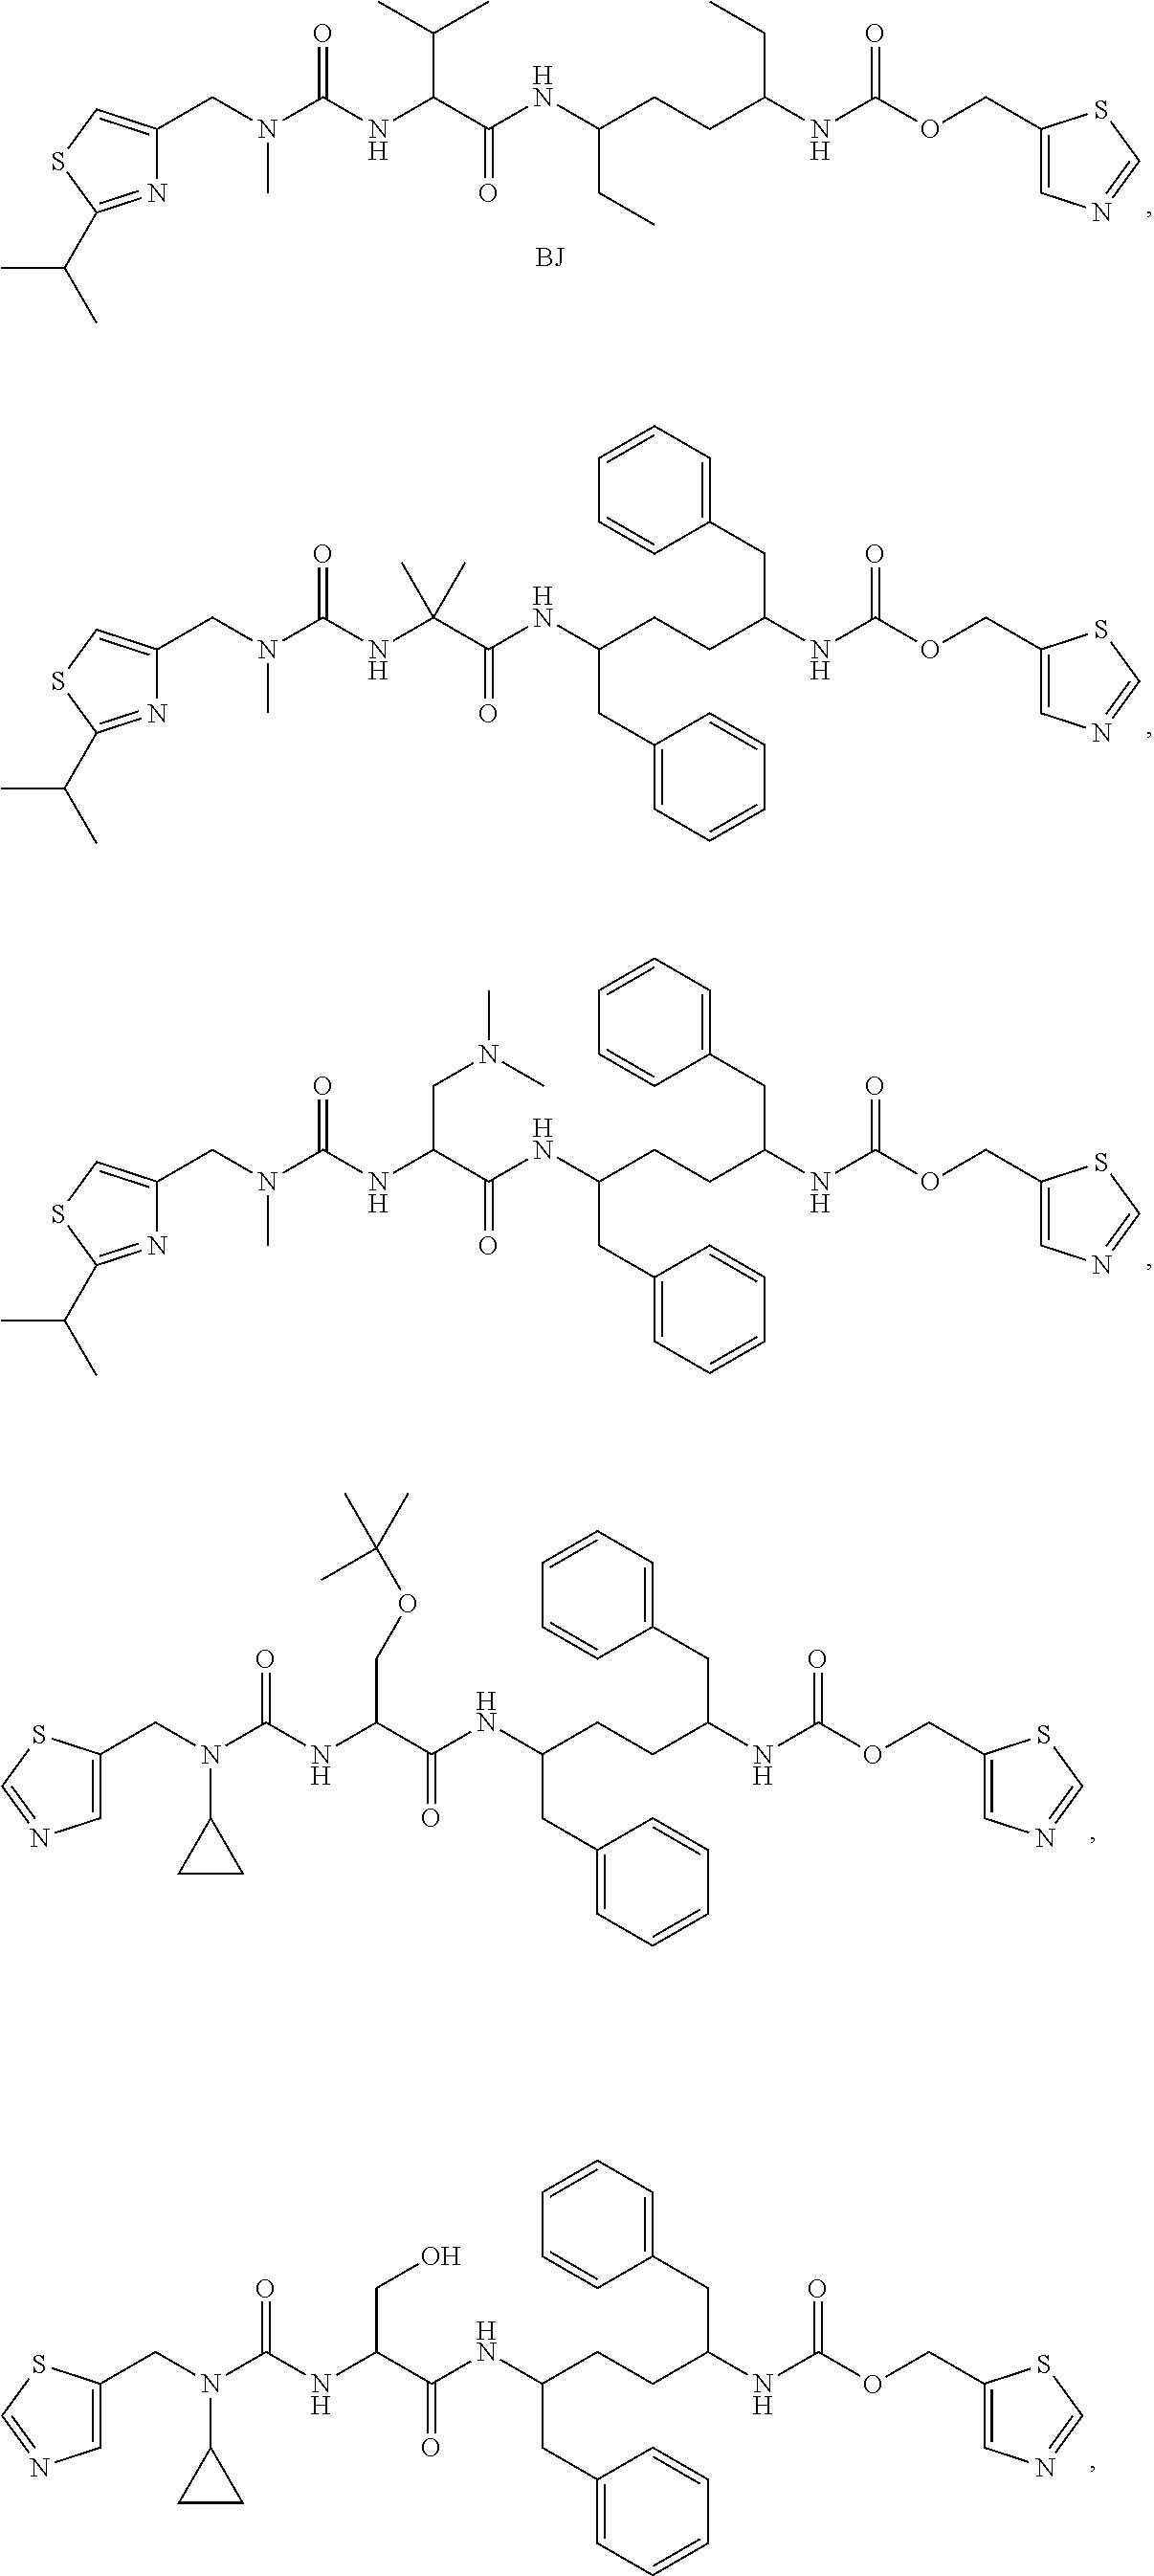 Figure US09891239-20180213-C00023